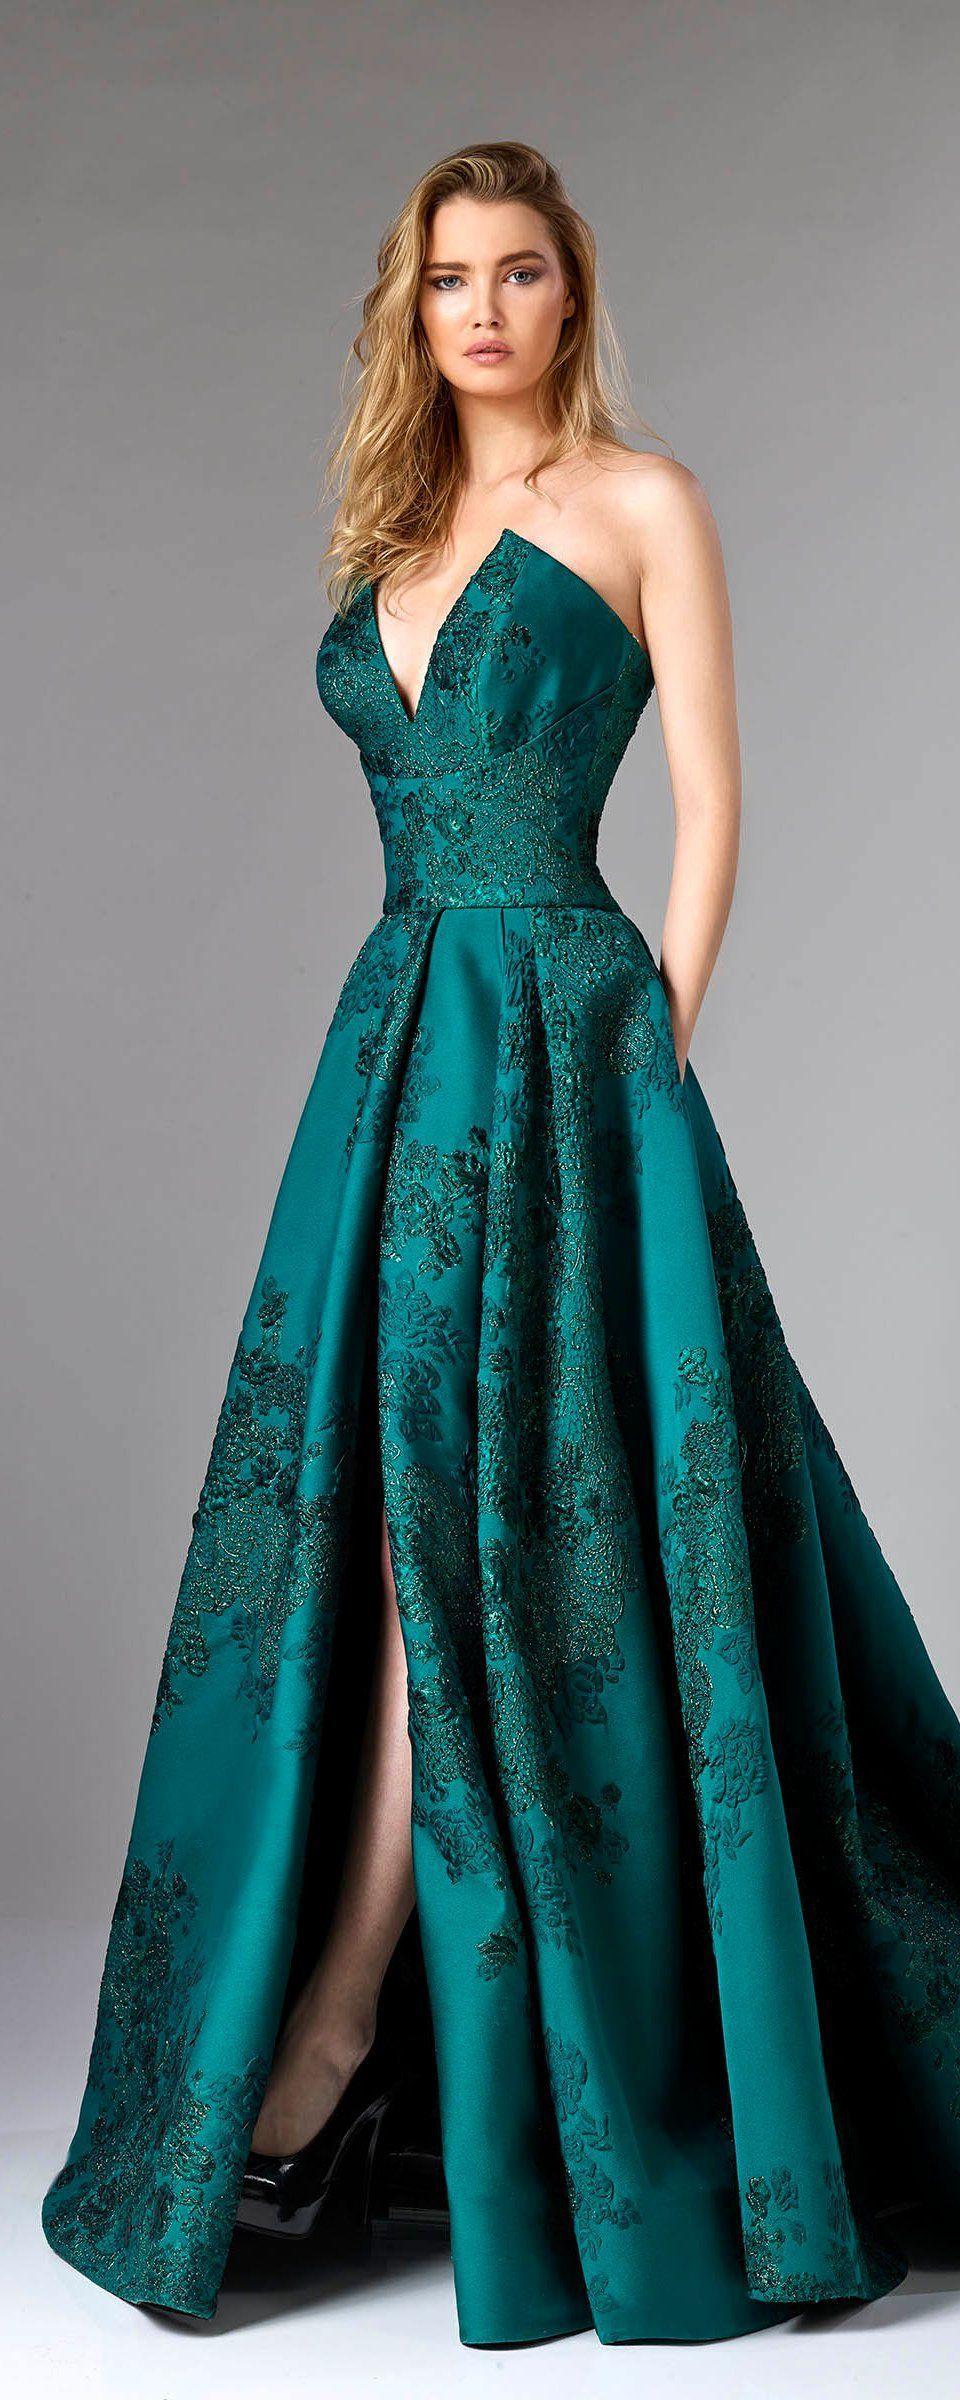 kleider abiball 16 - Top Modische Kleider  Abendkleid, Kleider